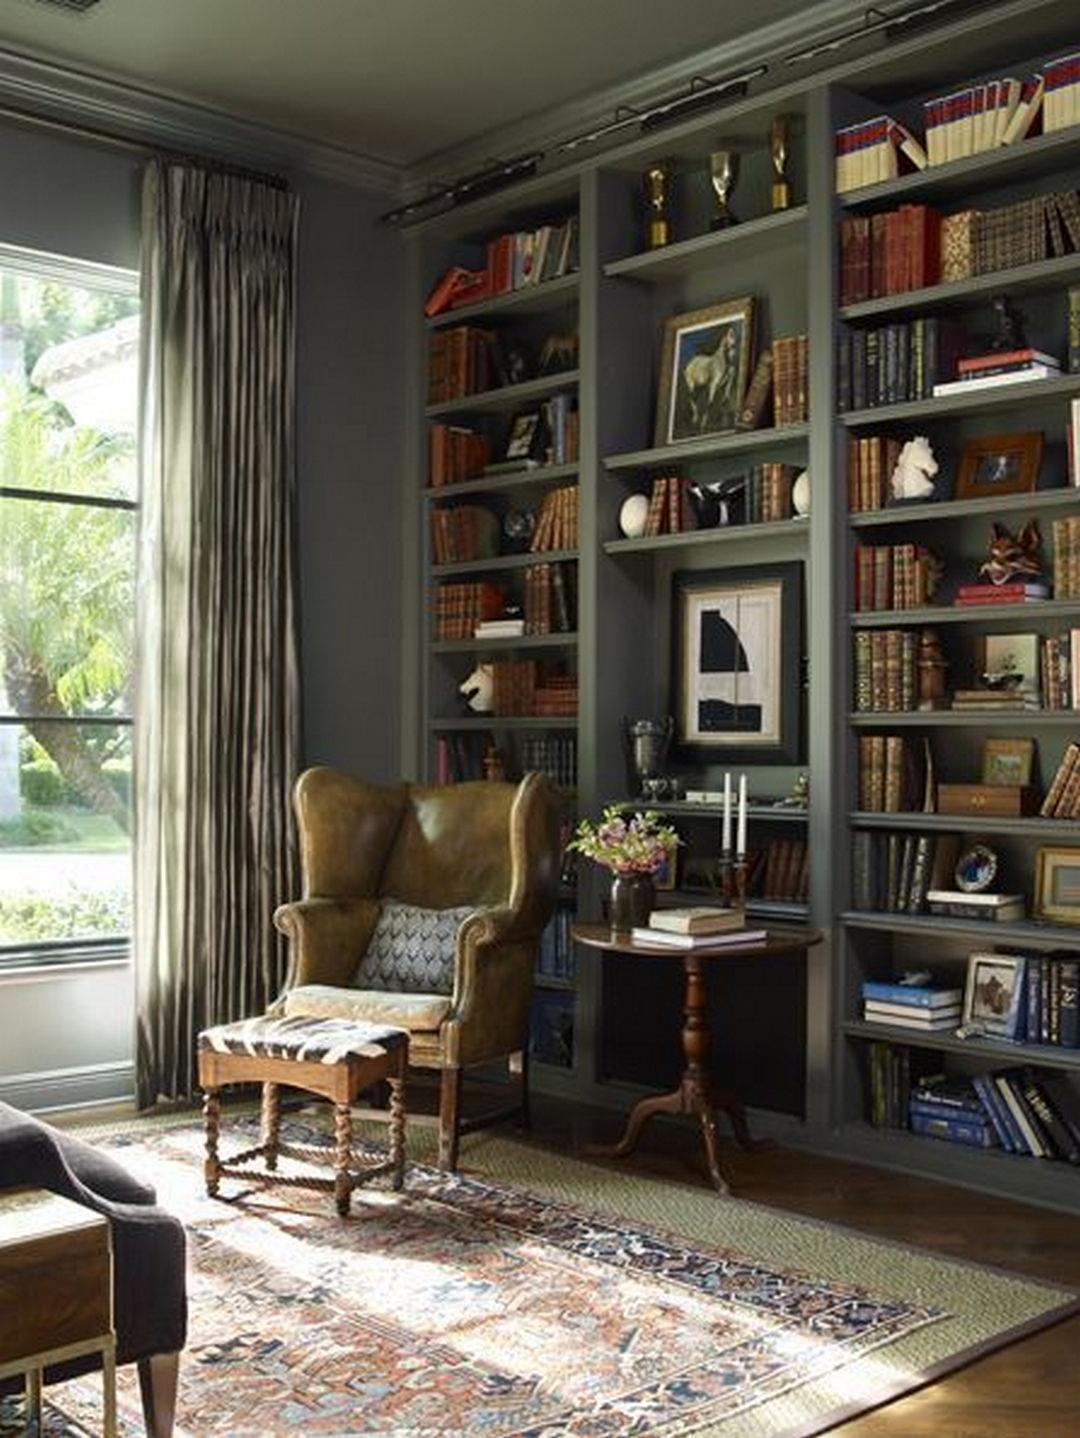 16 Homemade Interior Design Ideas Cozy Home Library Home